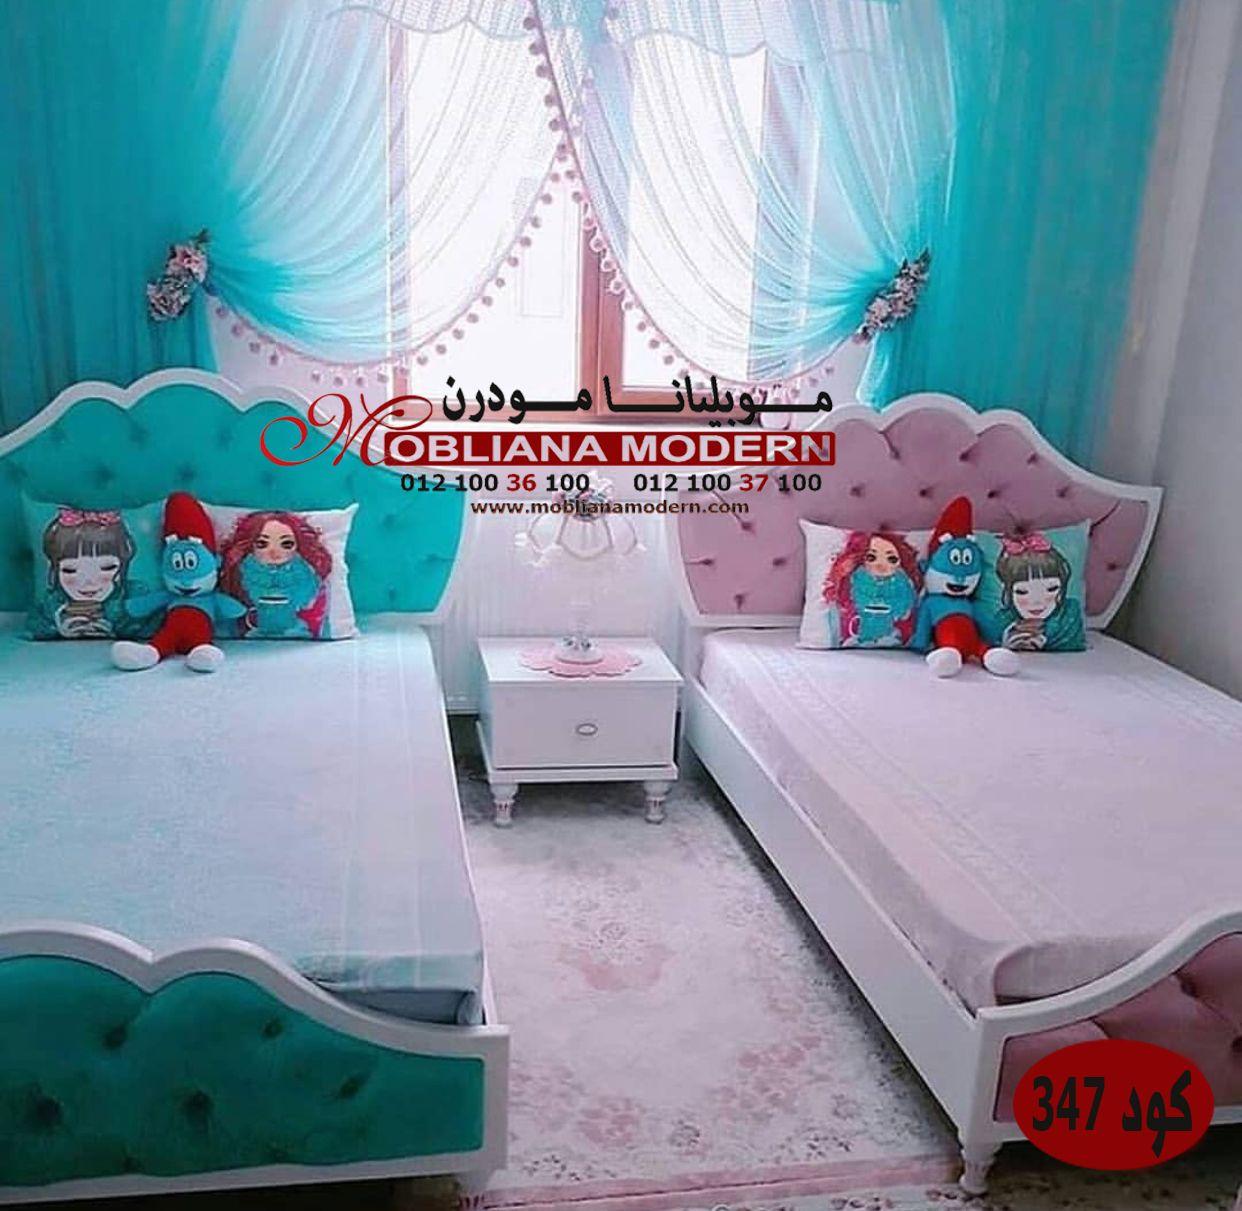 Bedrooms Ideas غرفة اطفال مشتركة Kids Bedroom Decor Girl Bedroom Designs Childrens Bedroom Decor